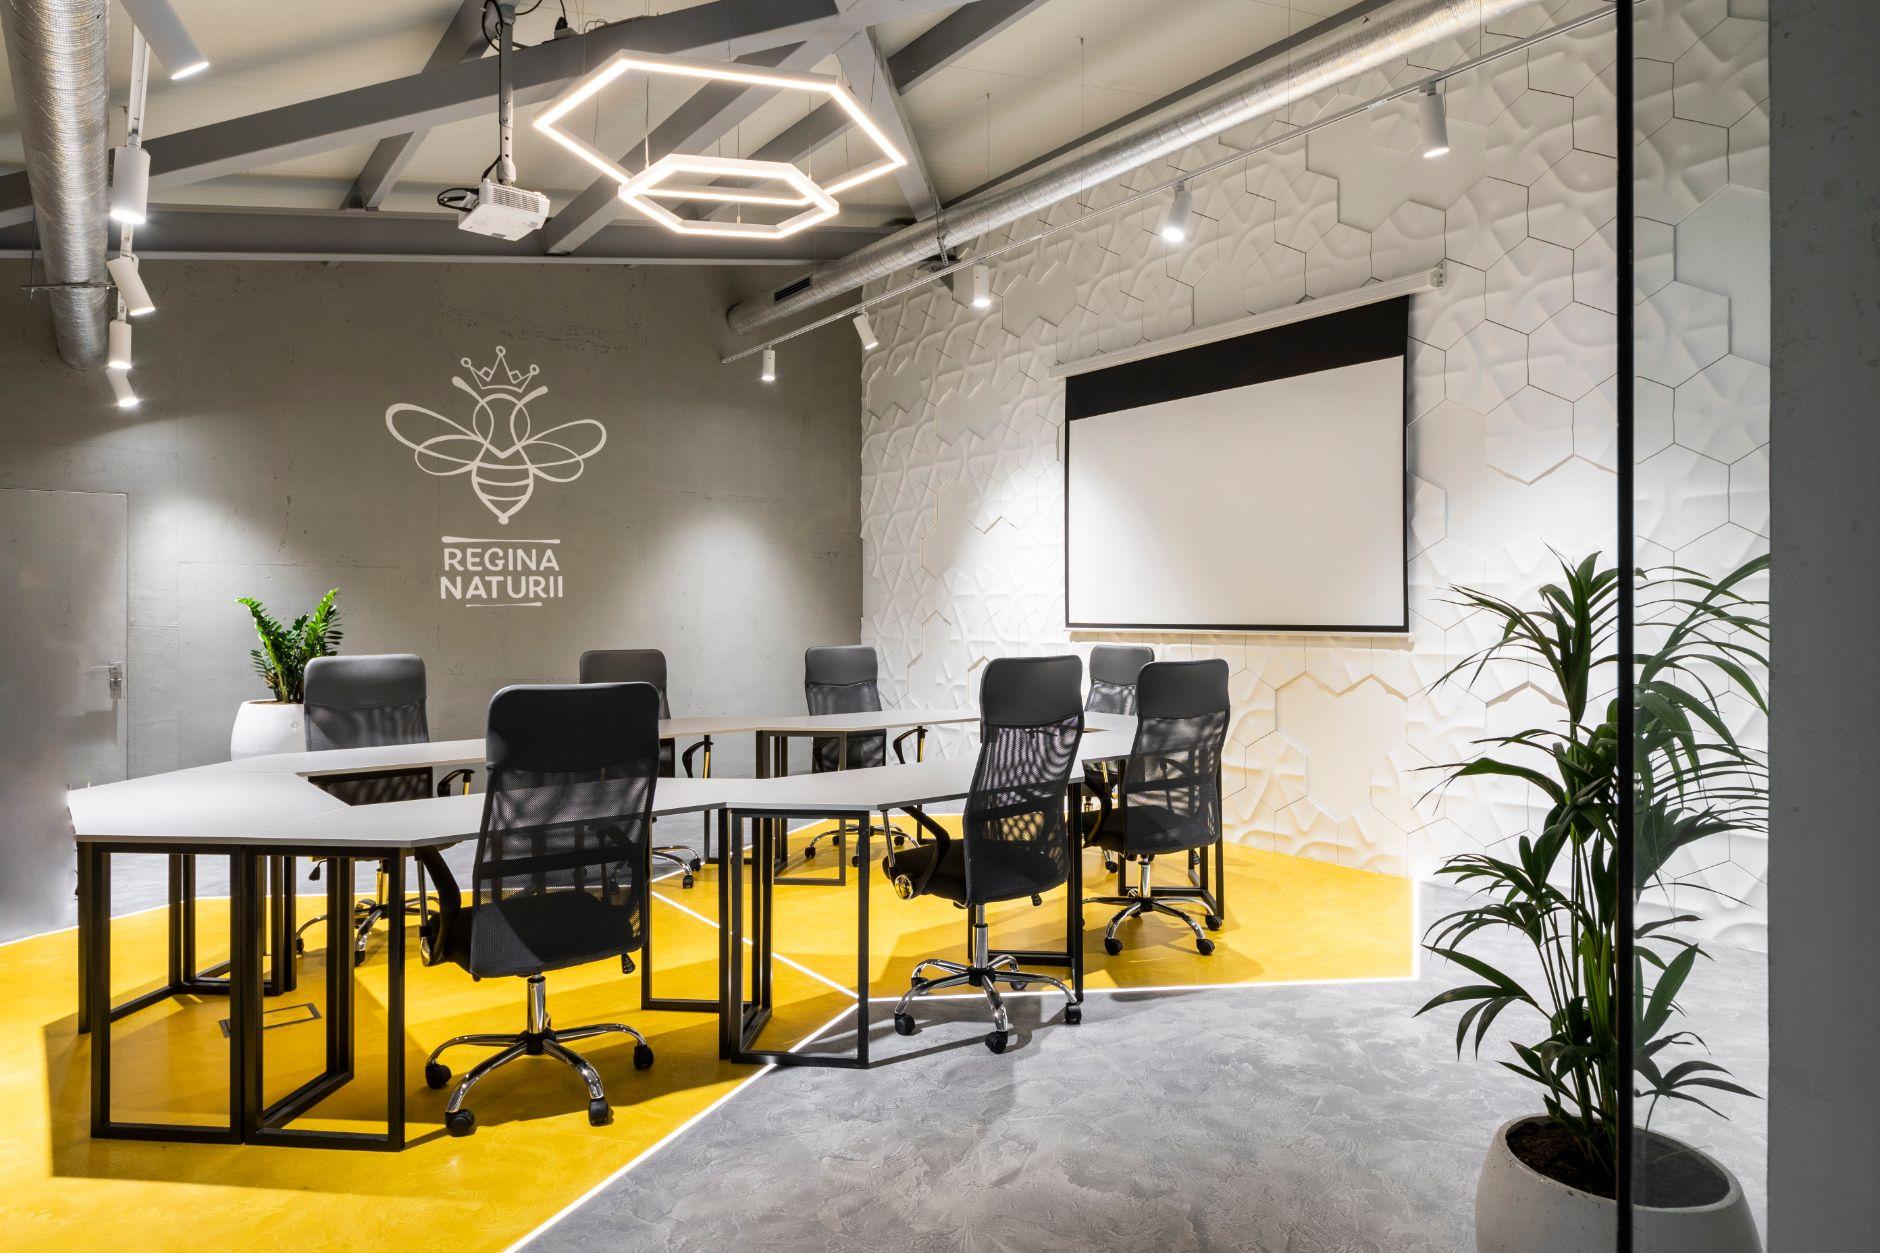 """Cum remodelezi fața unei afaceri de succes? Despre redesign-ul de la """"Regina Naturii"""", o poveste AB + Partners"""